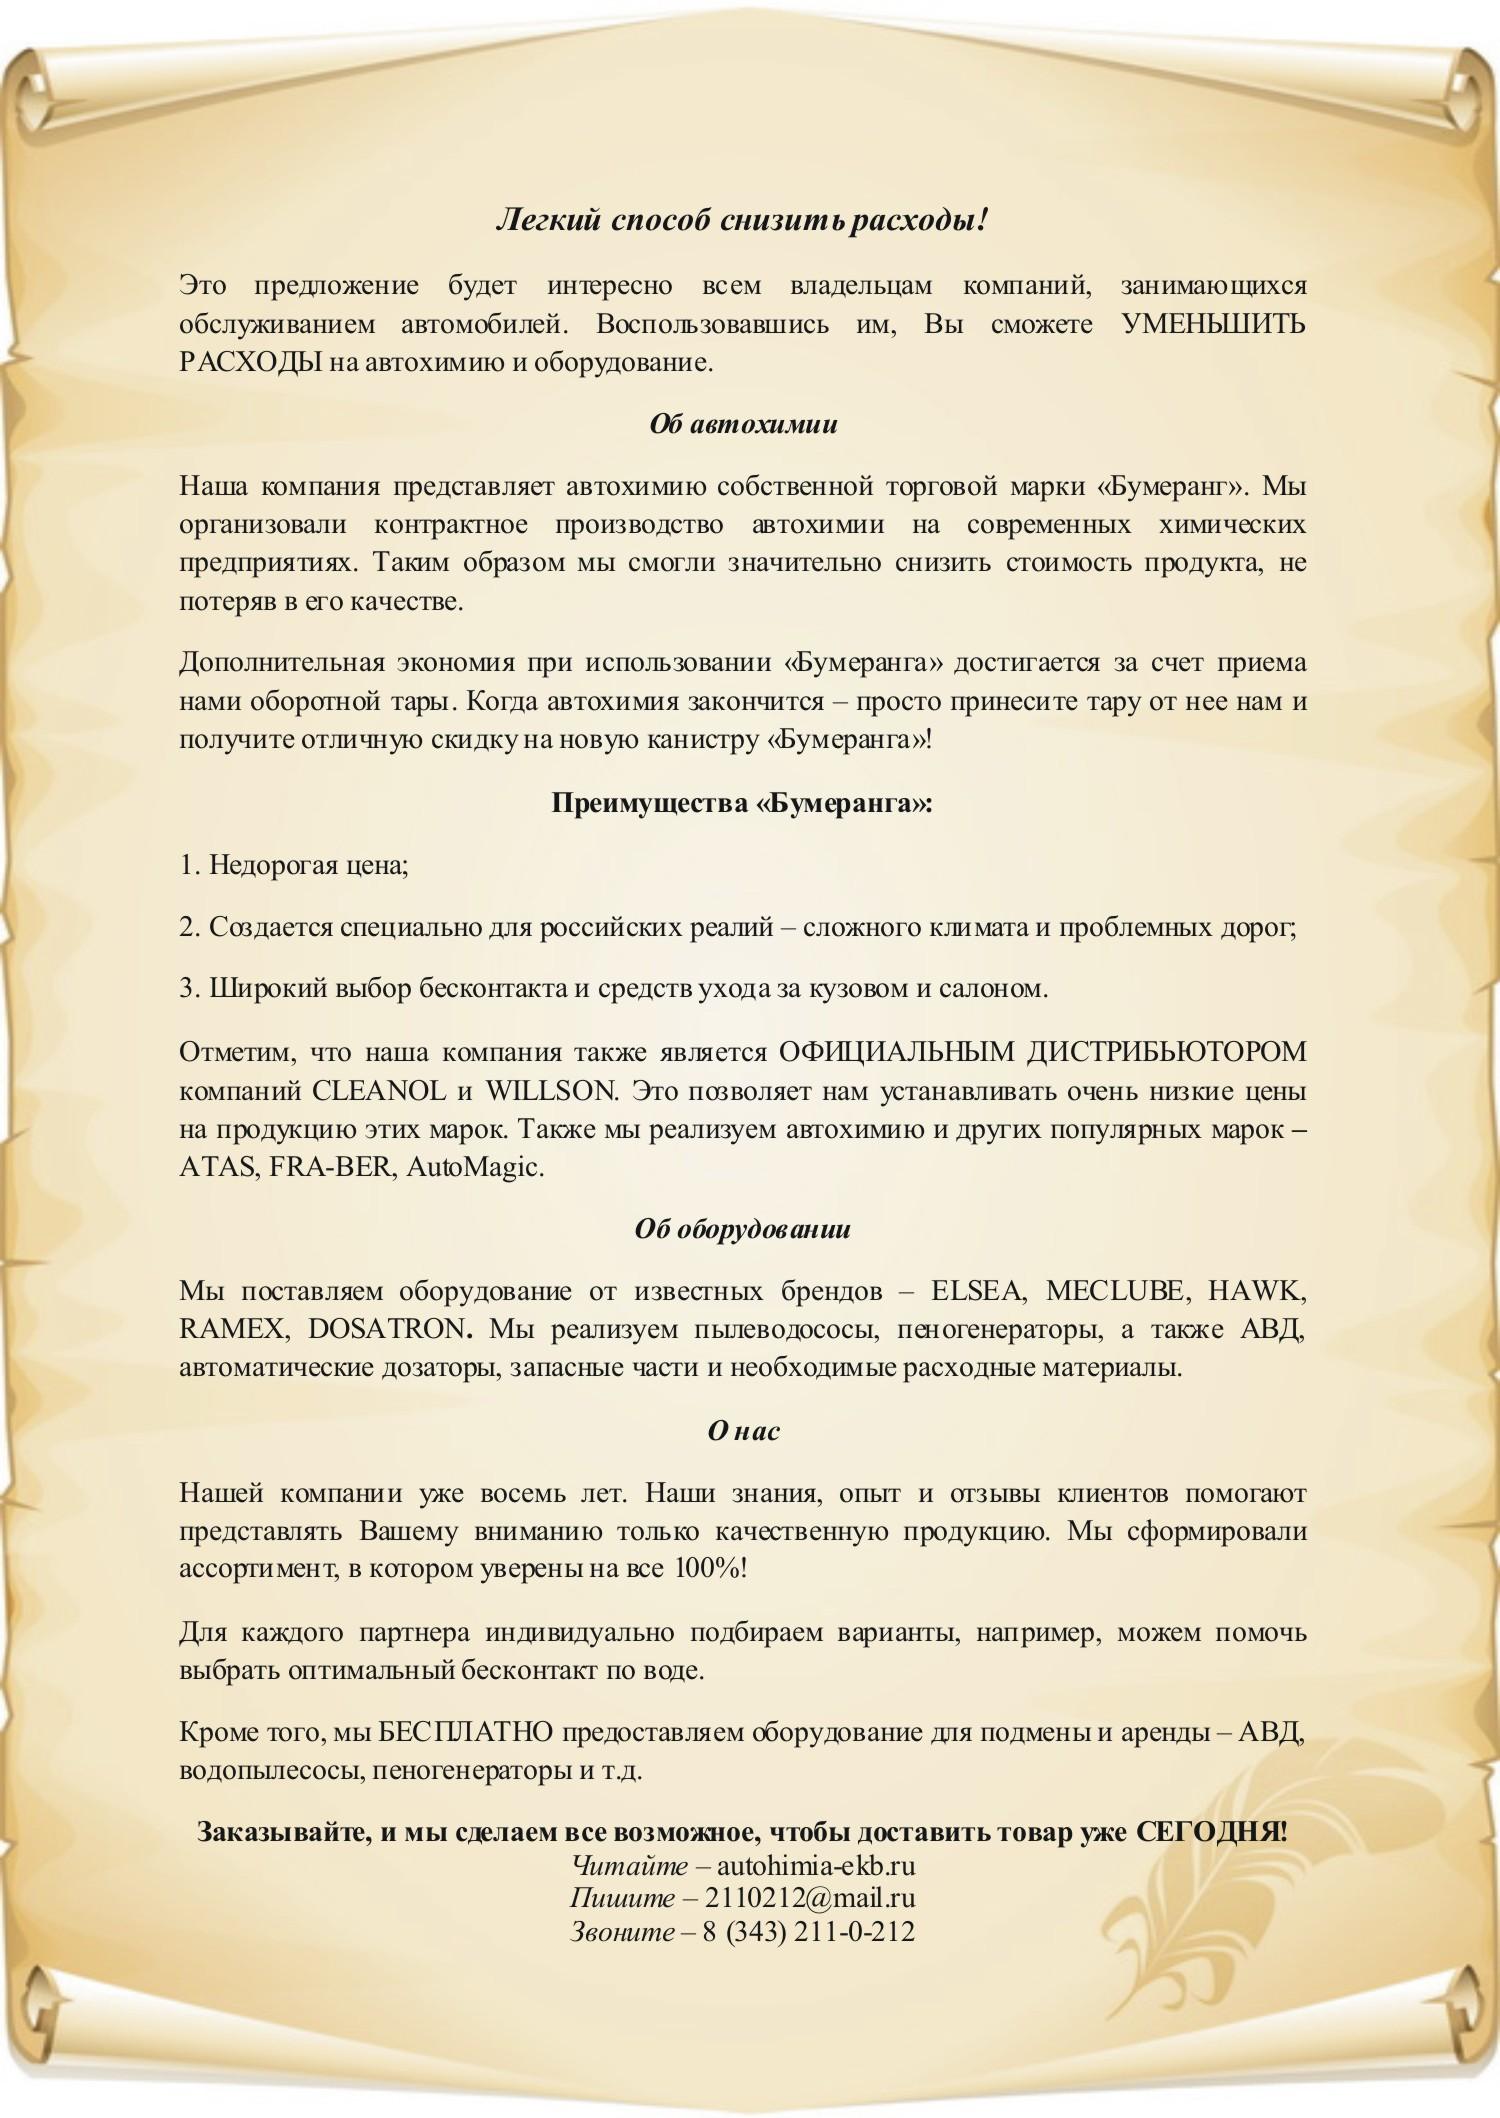 КП - автохимия